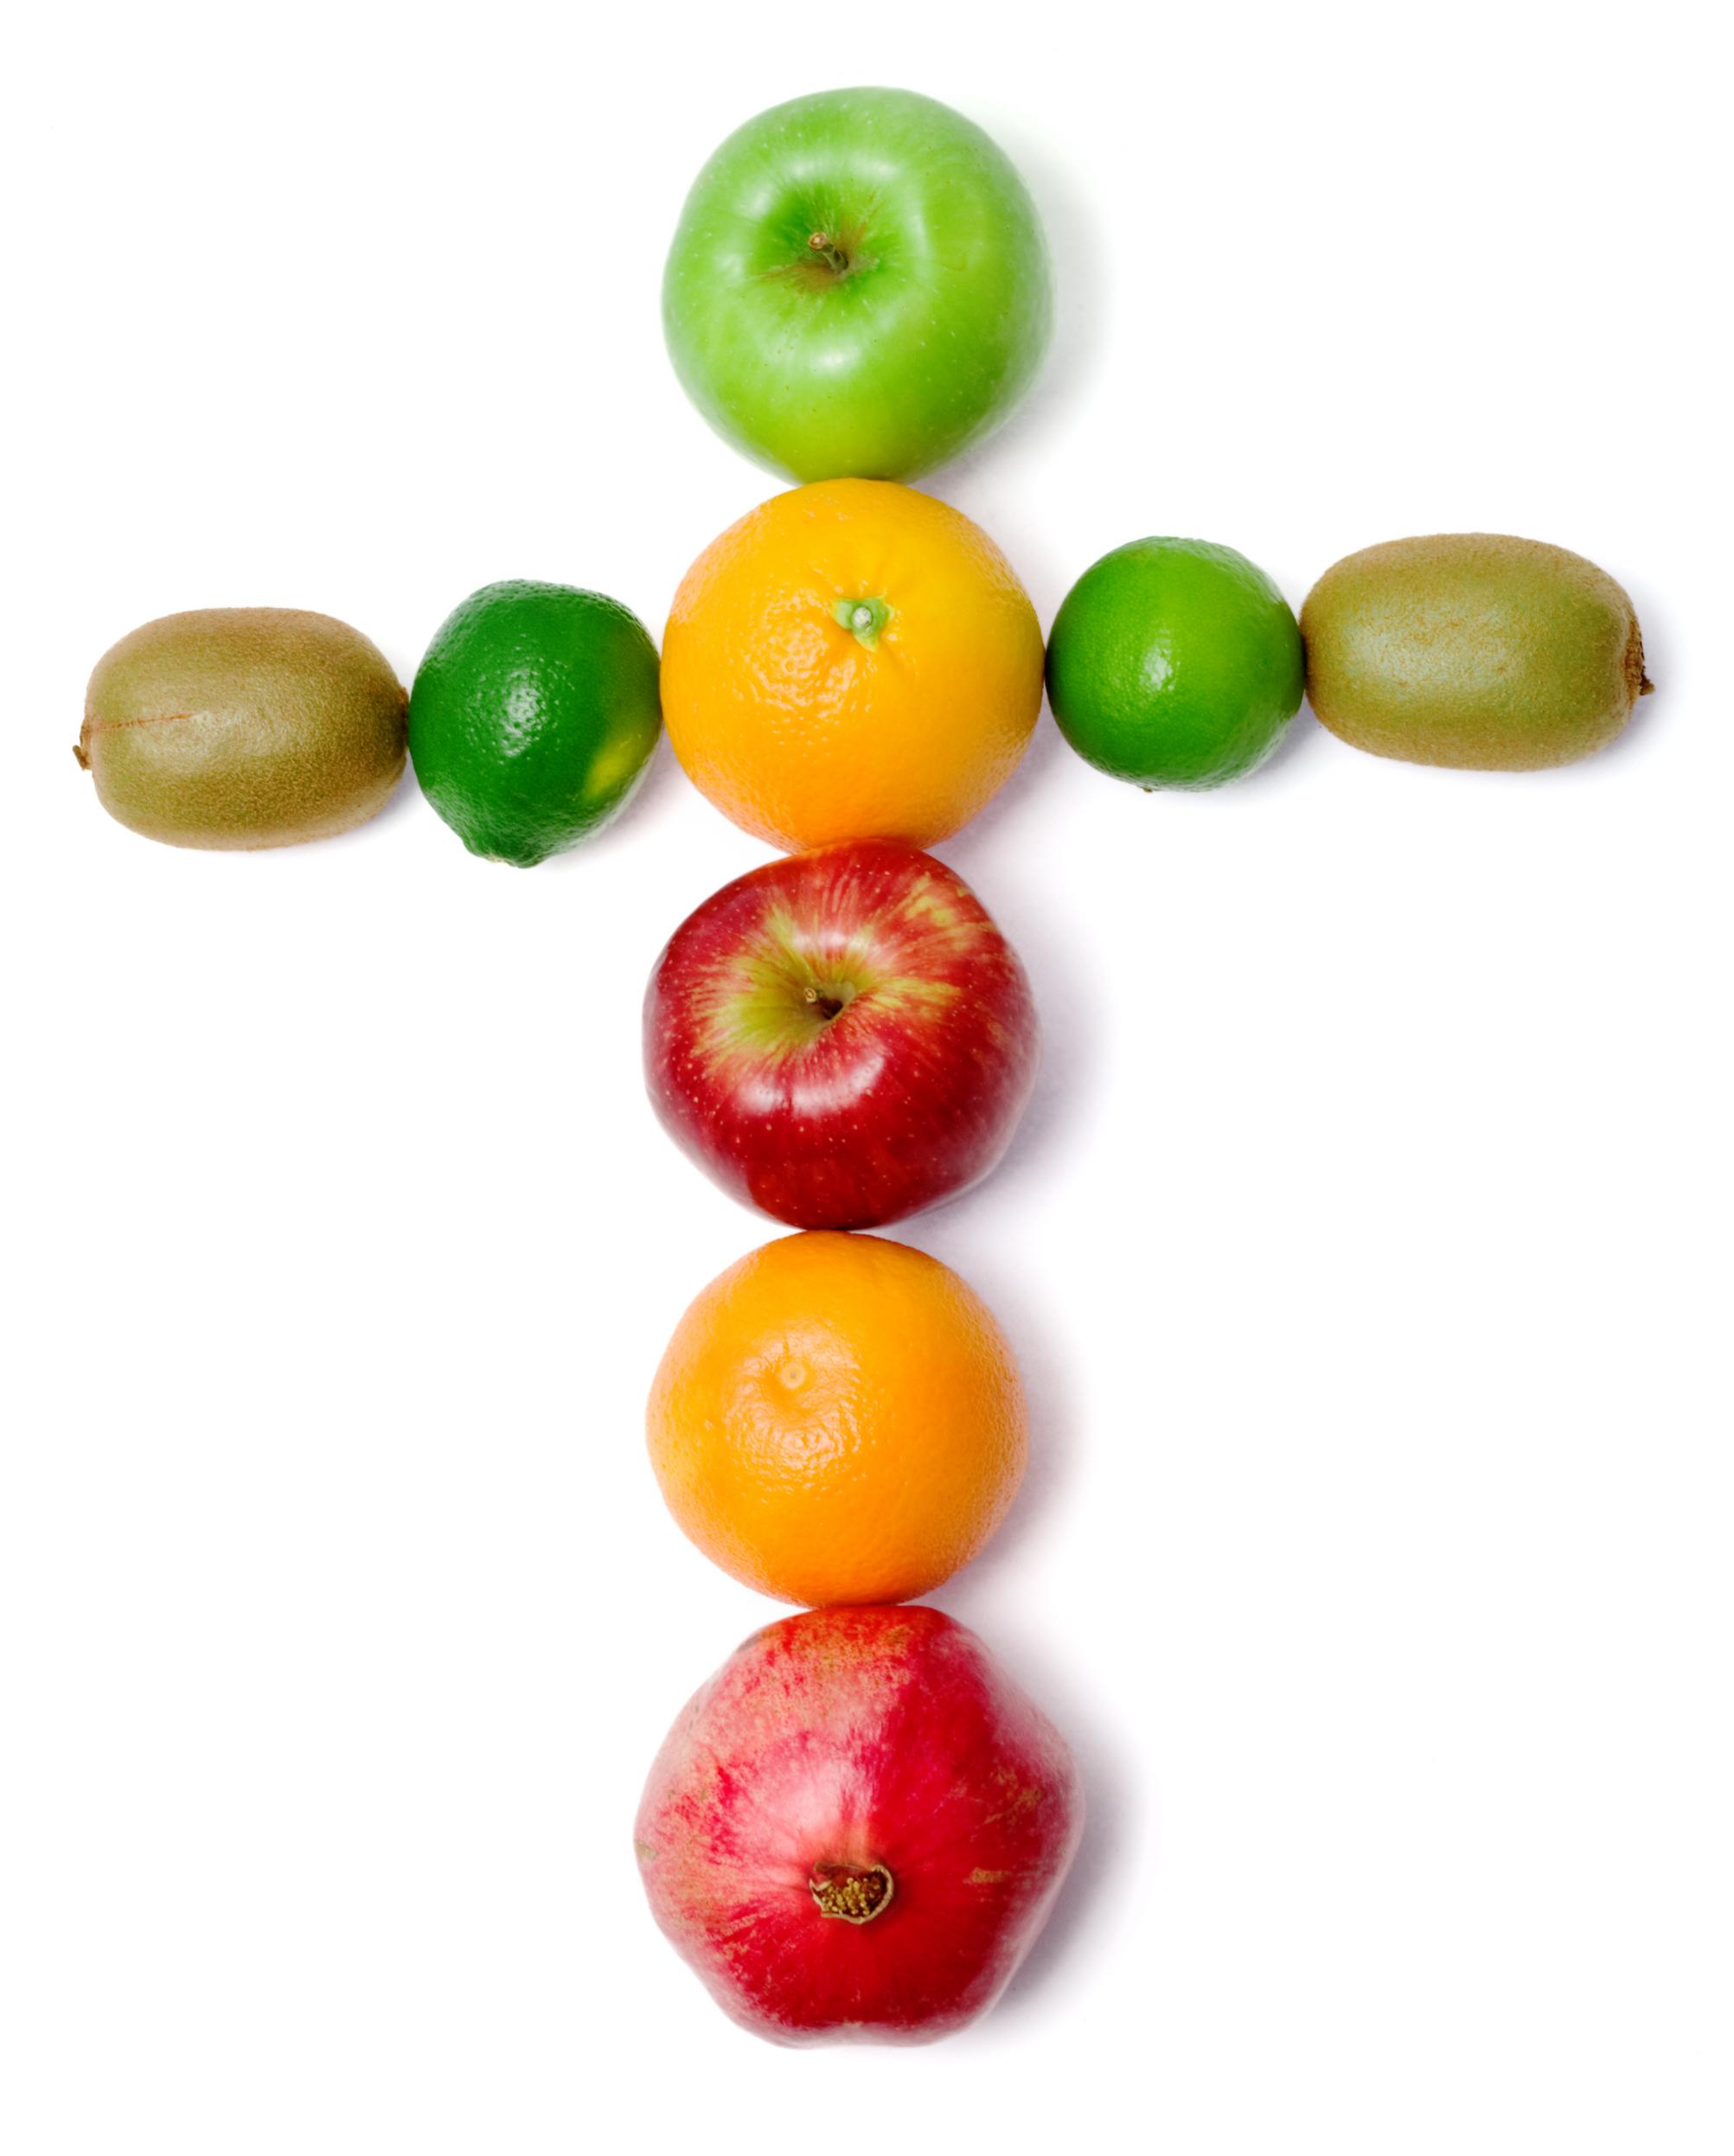 Ernährung, Nahrung, Lebensmittel – und was sie uns als solches verkaufen - Seite 2 Dreamstime_l_8078932